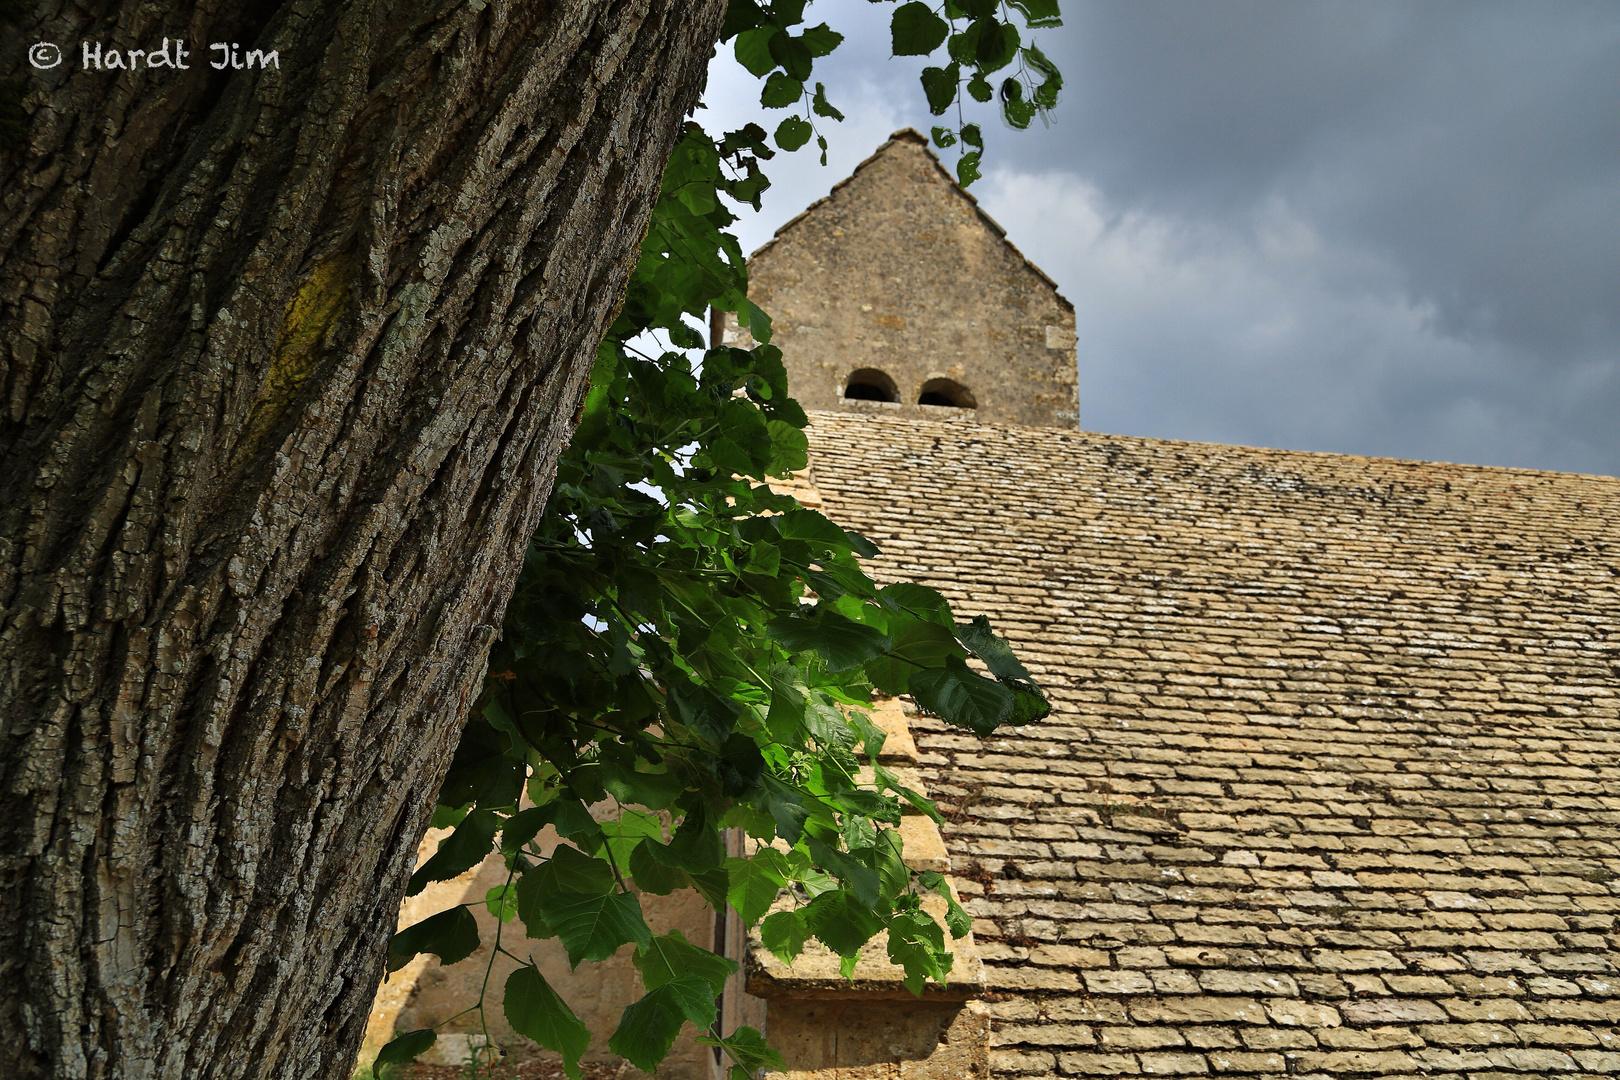 Kapelle mit Baum